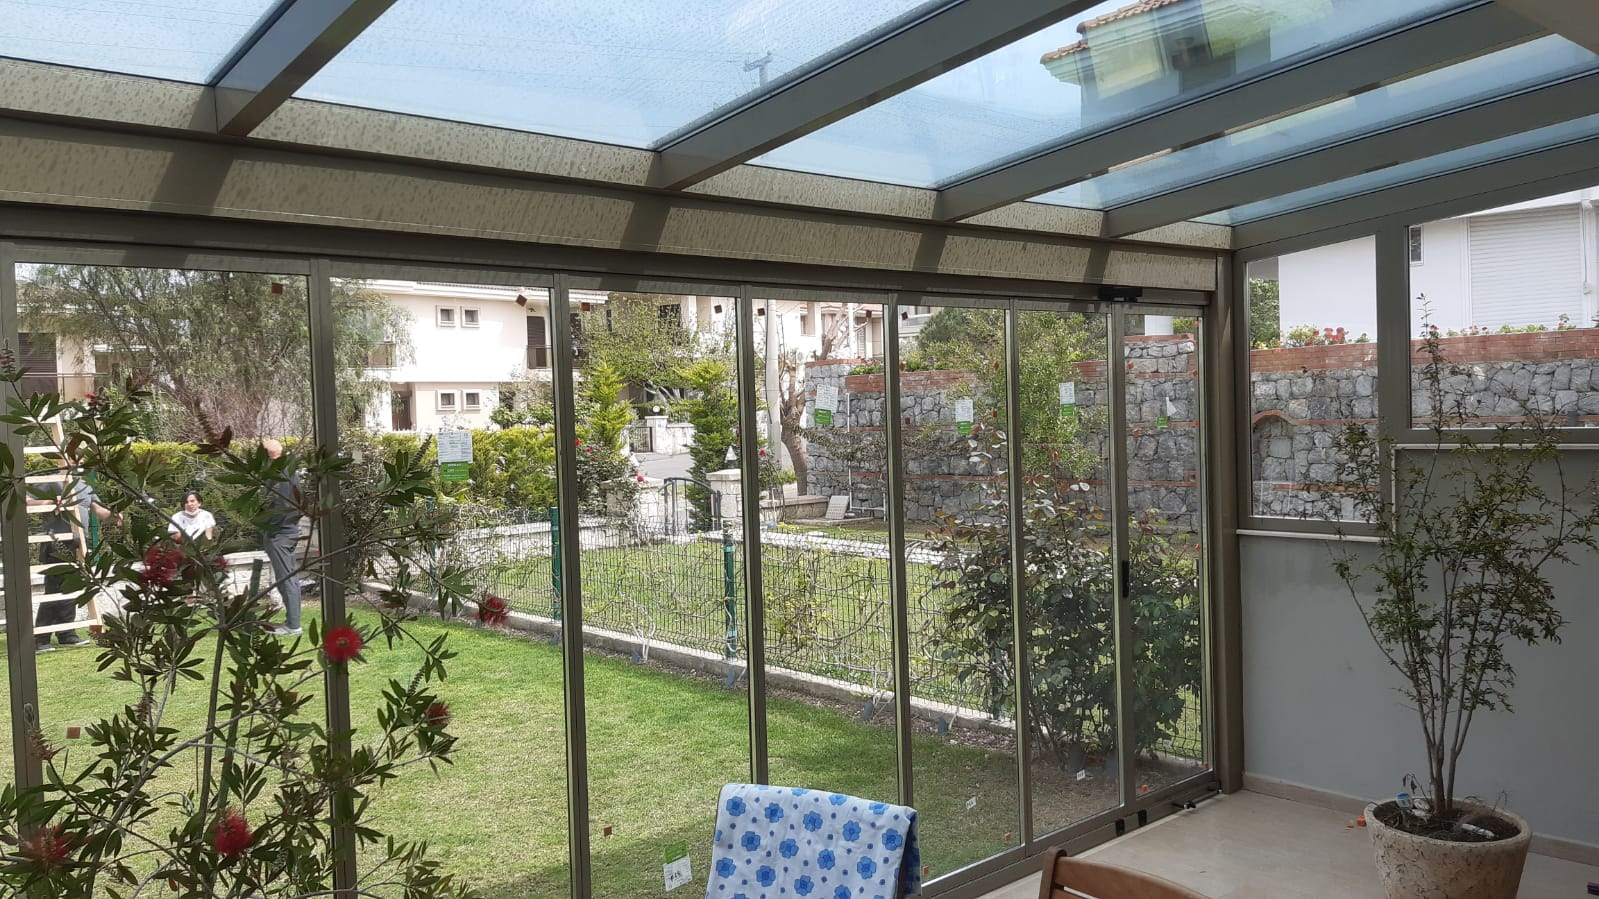 İzmir Çeşme Alaçatı'daki müşterimizin villasına uyguladığımız Kış bahçesi (Veranda) ve Albert Genau marka ısıcamlı katlanır cam sistemi